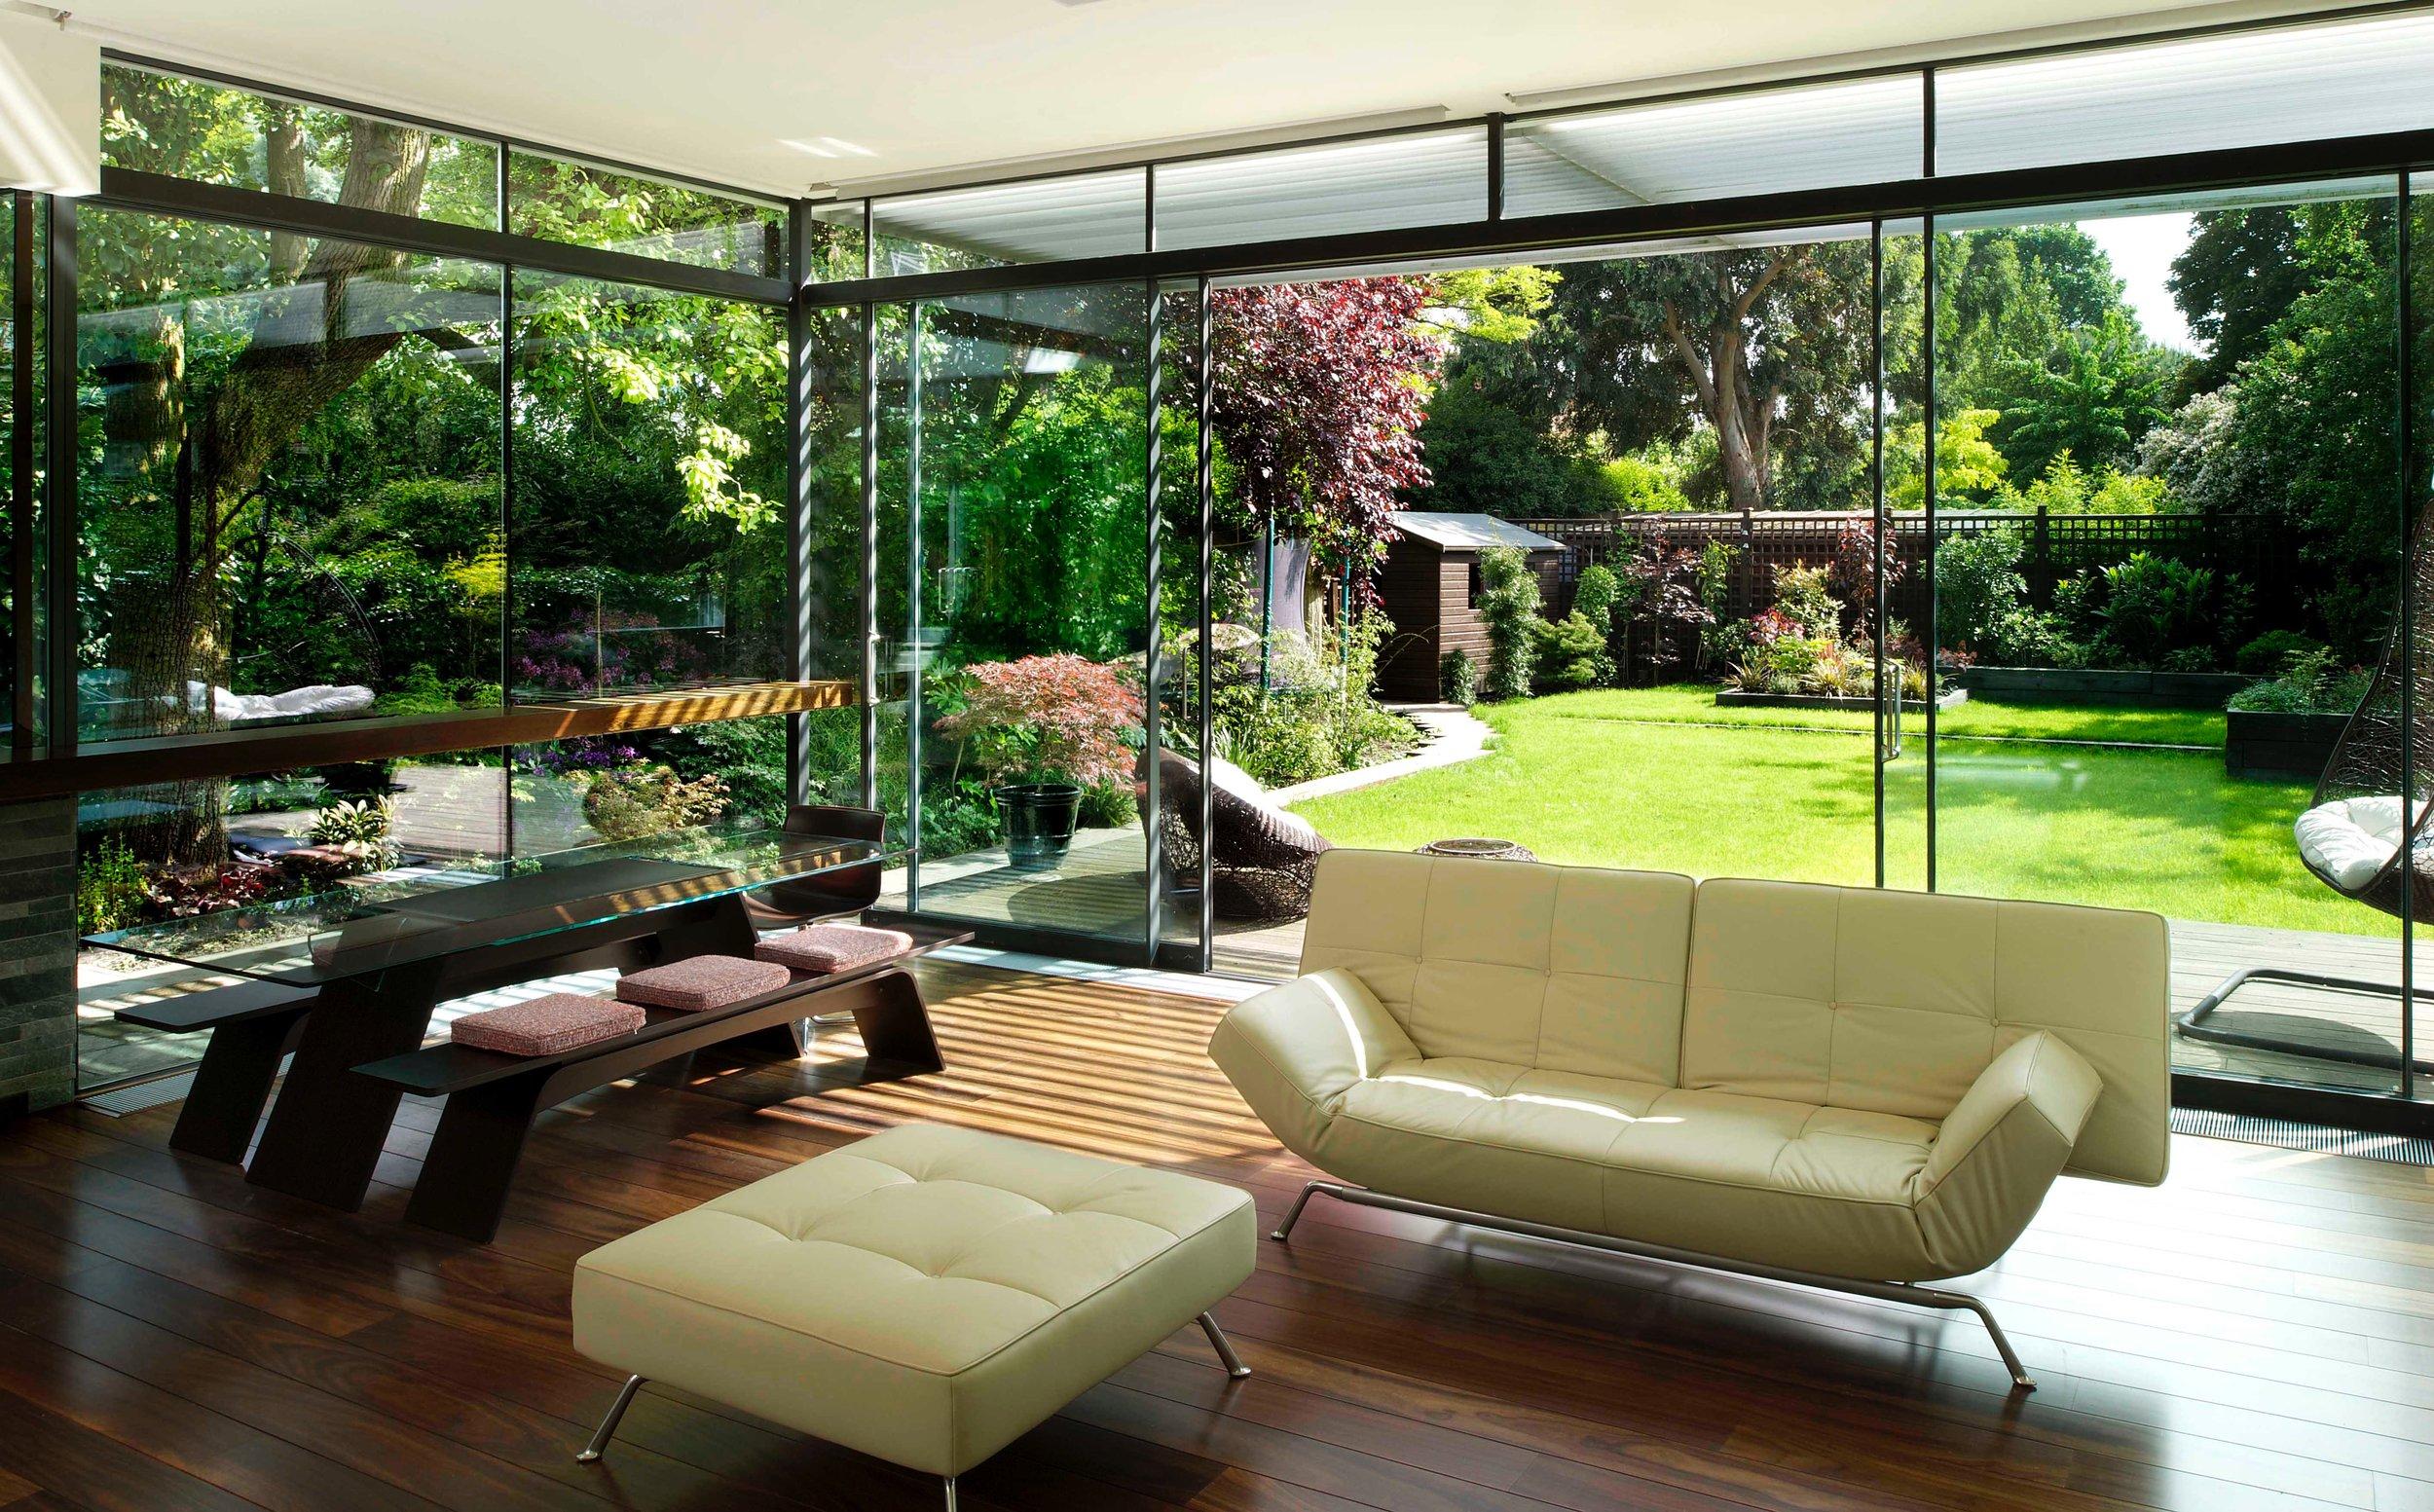 garden, floor by window